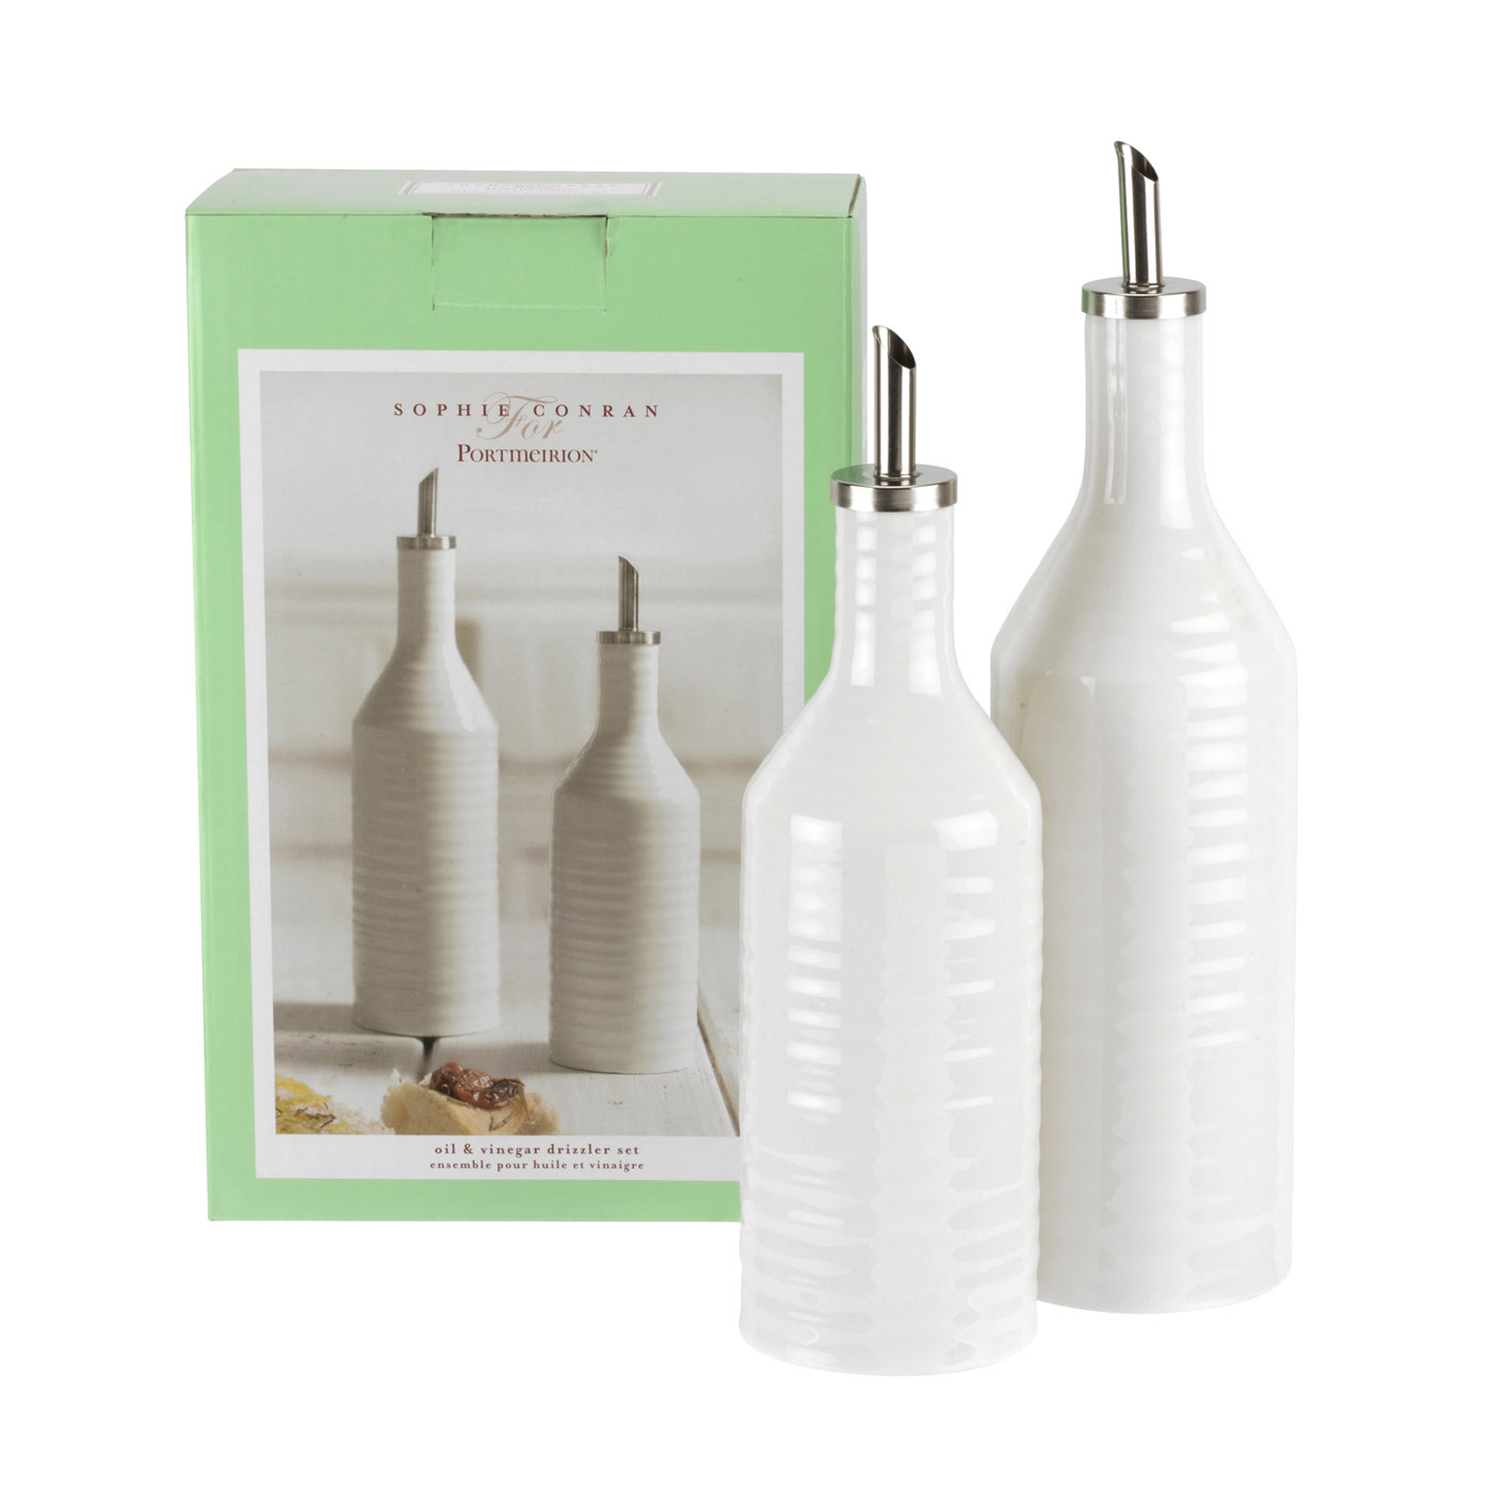 Sophie Conran for Portmeirion – White Oil & Vinegar Drizzler Set in Gift Box